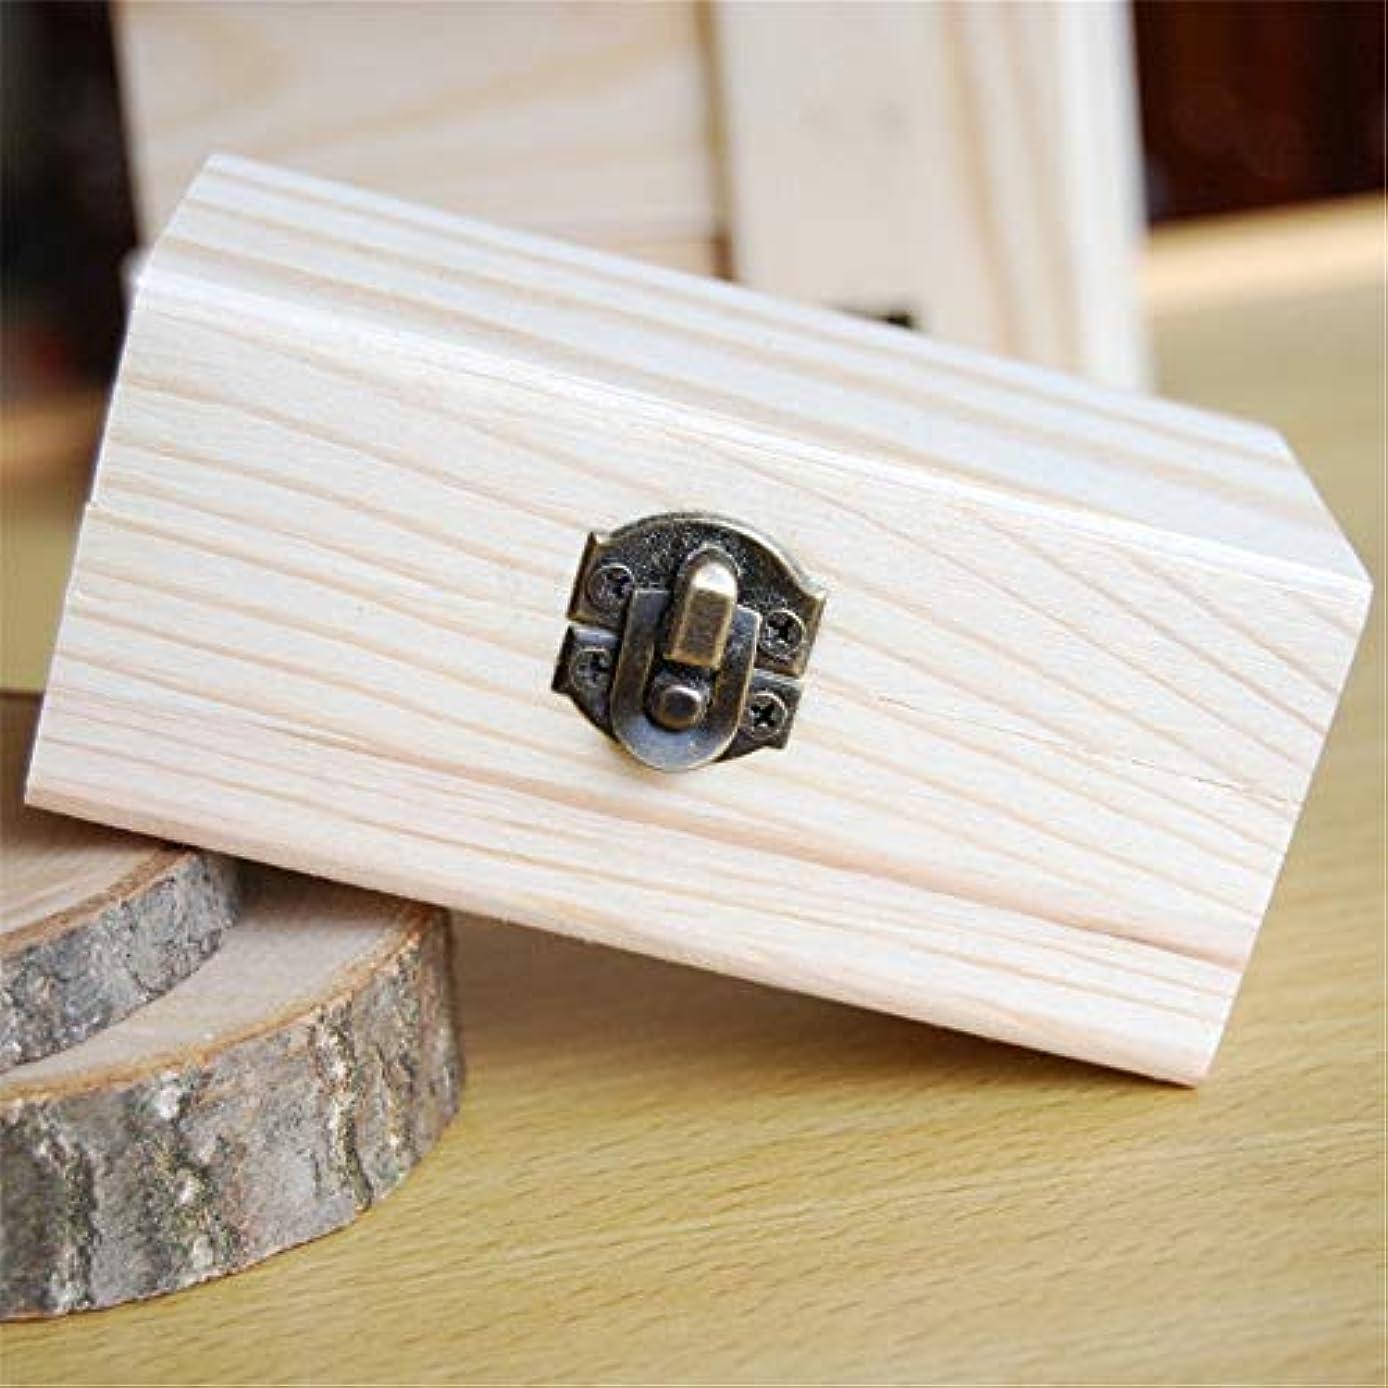 爆発物さびたジョージハンブリーエッセンシャルオイルの保管 安全に油を維持するための品質の木製エッセンシャルオイルストレージボックスベスト (色 : Natural, サイズ : 10X6X5CM)